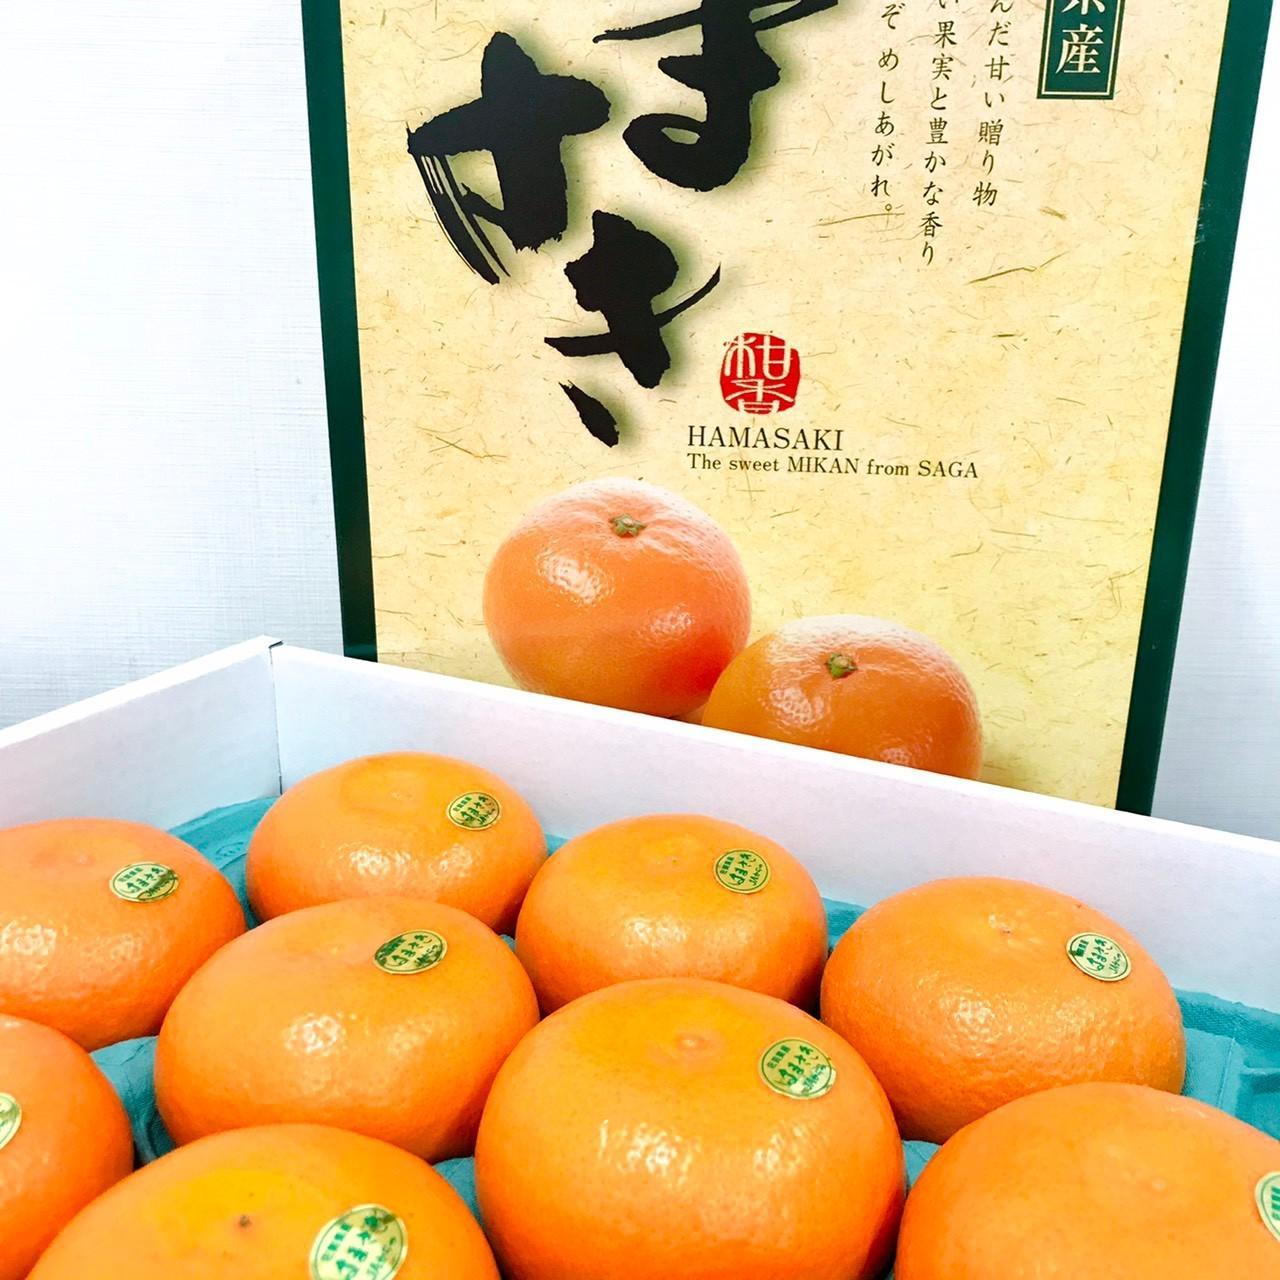 柑橘はまさき